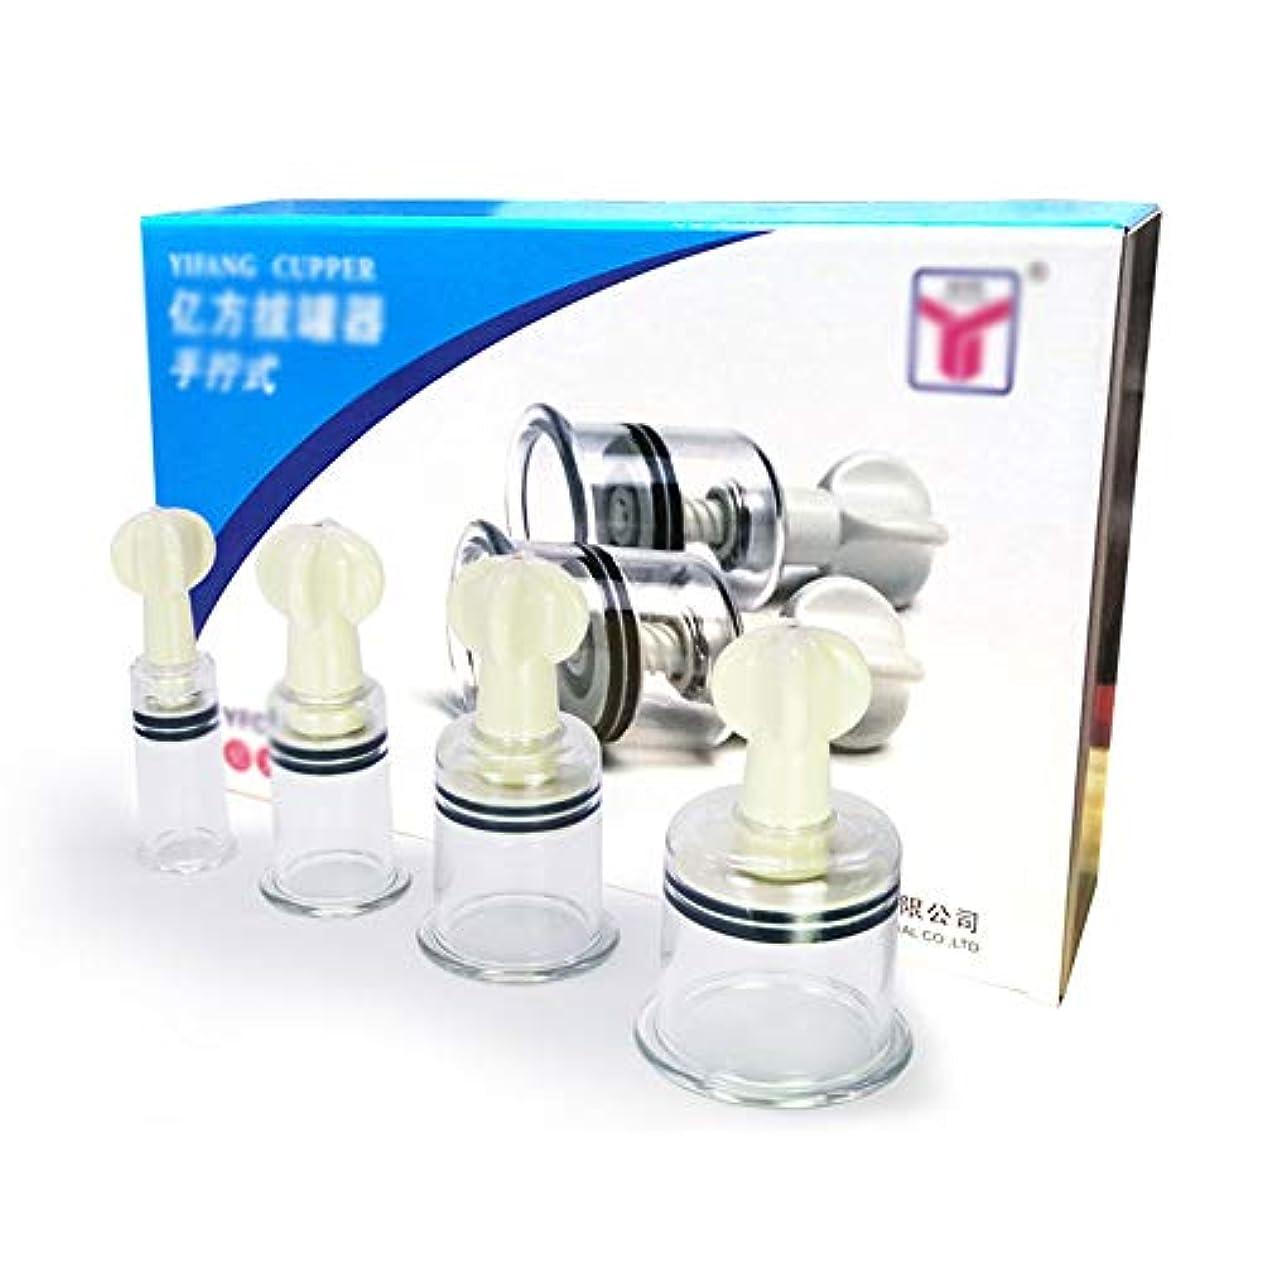 事前調整する窒素キャッピング装置 - マニュアルロータリープロップ治療装置4/12カップセット大人用非ポンピングガスシリンダー 美しさ (サイズ さいず : 4 cans)